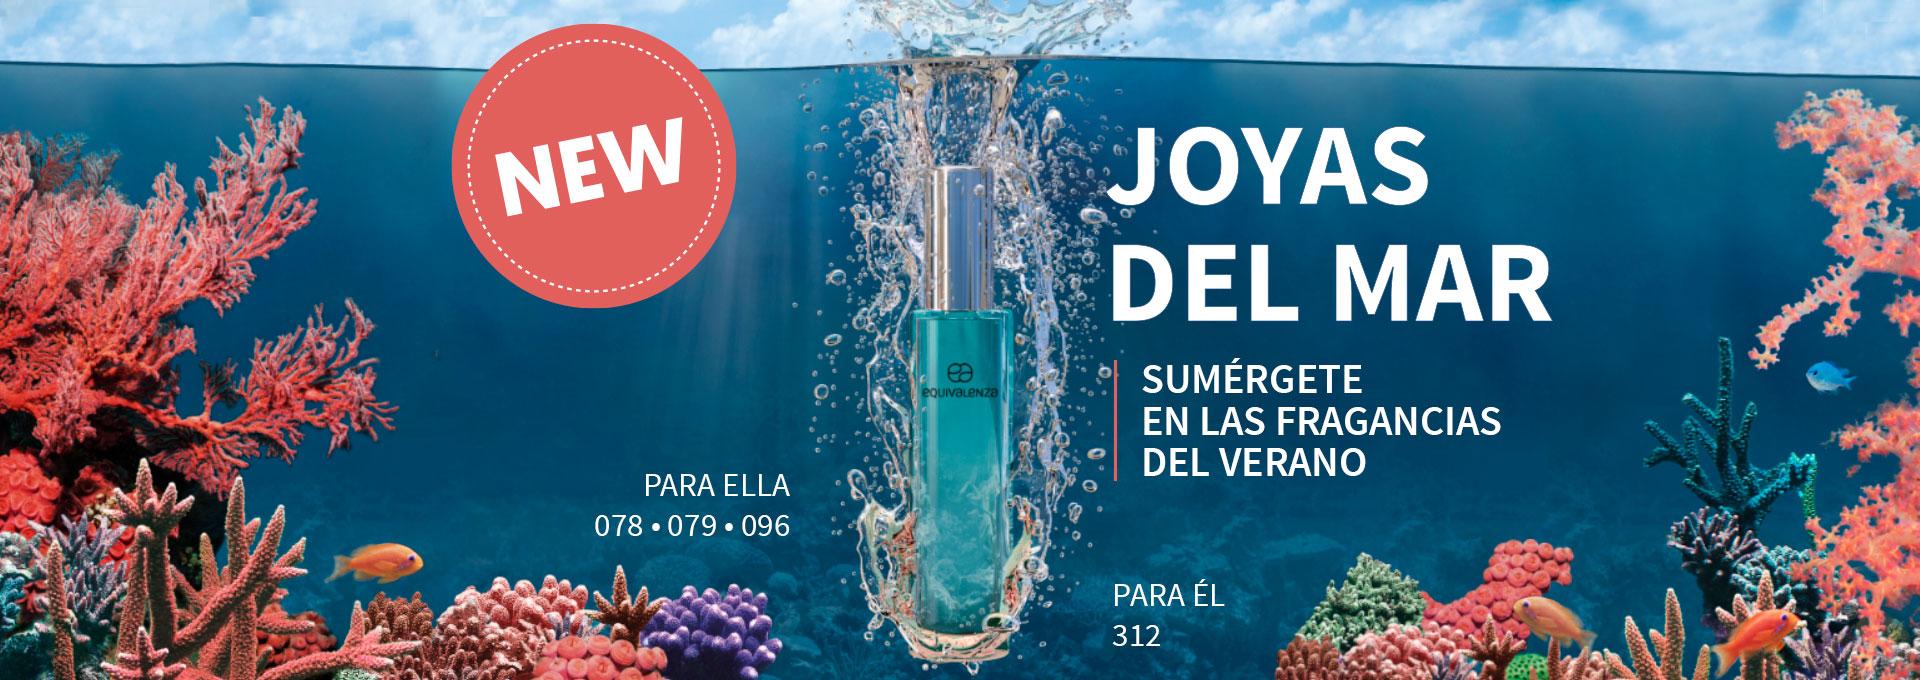 Joyas del Mar 1920x680_Summer_ES 2019